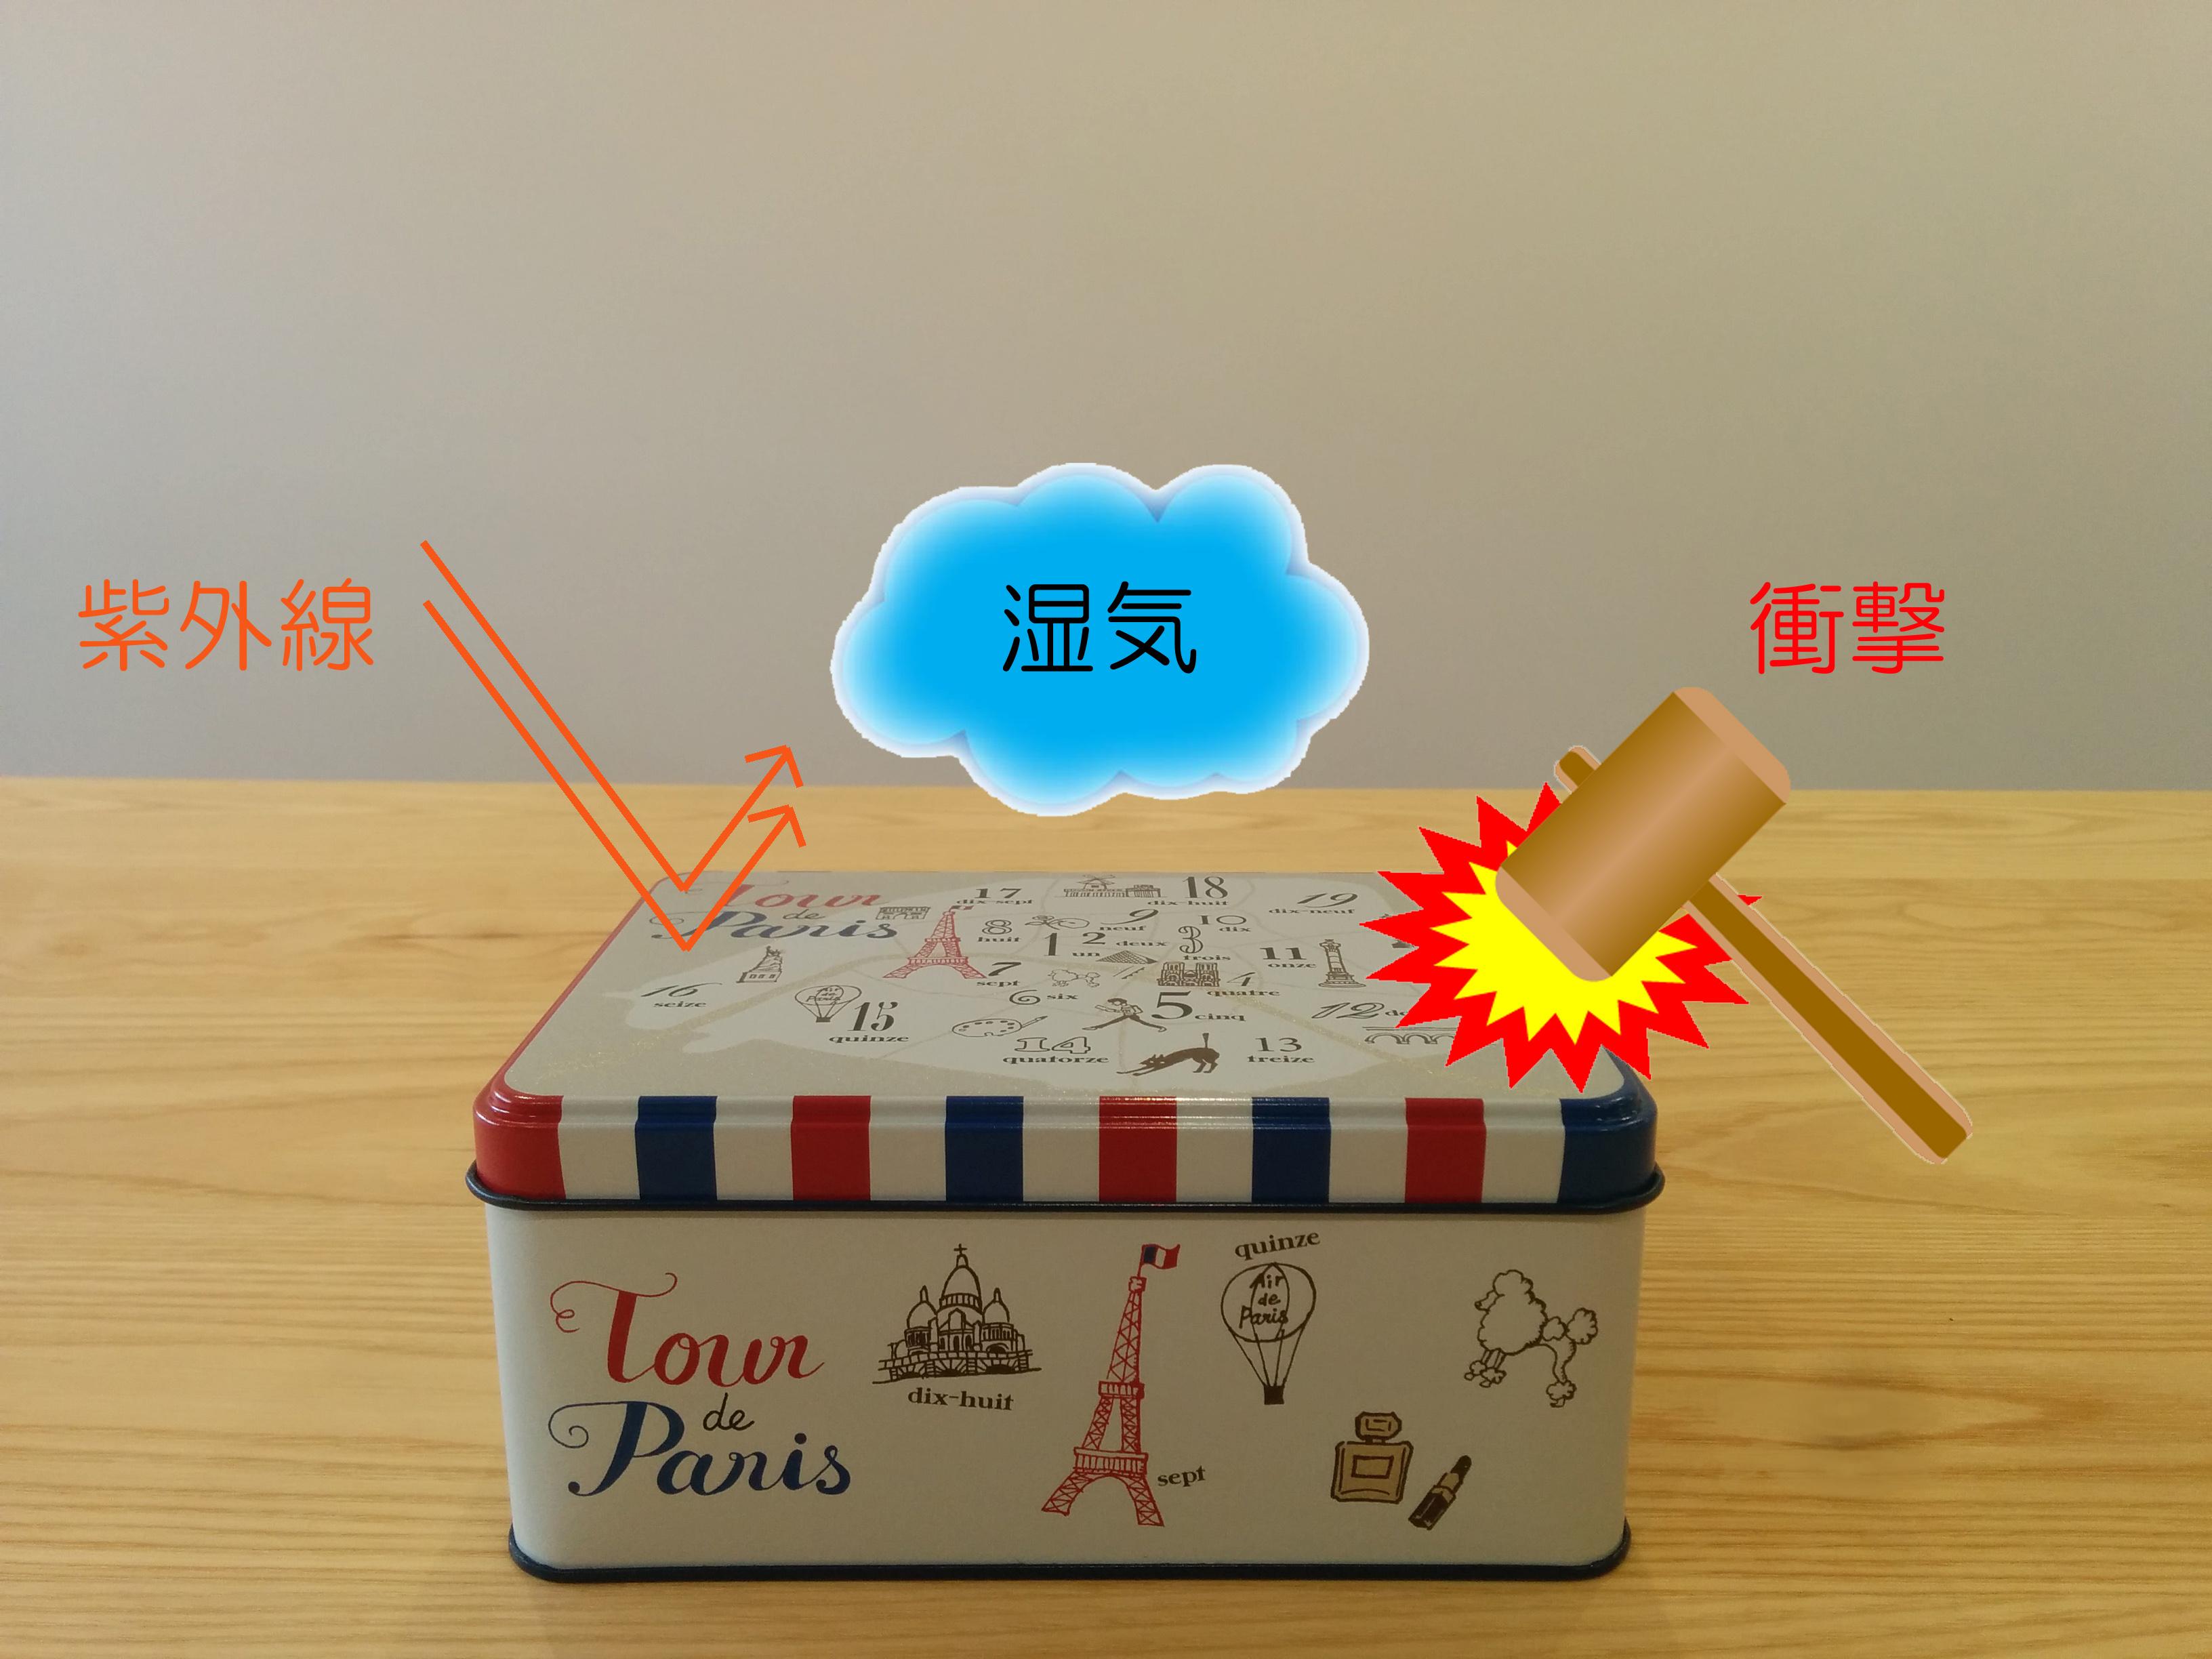 焼き菓子の販売促進